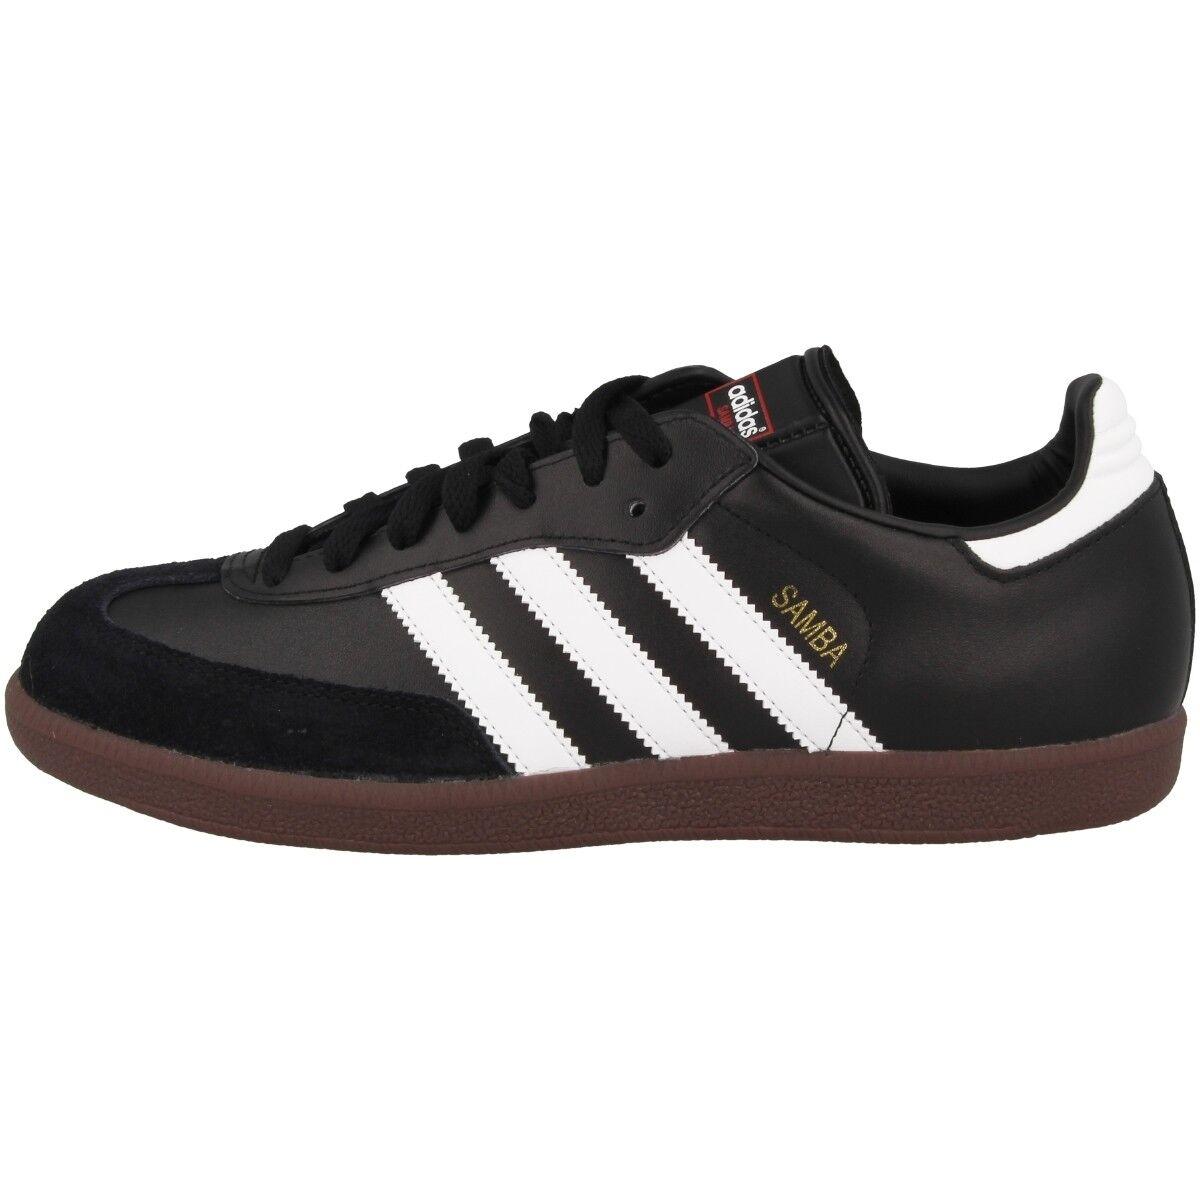 Adidas Samba Classic Scarpe Sneaker Nero 019000 Interno per Scarpe classiche da uomo